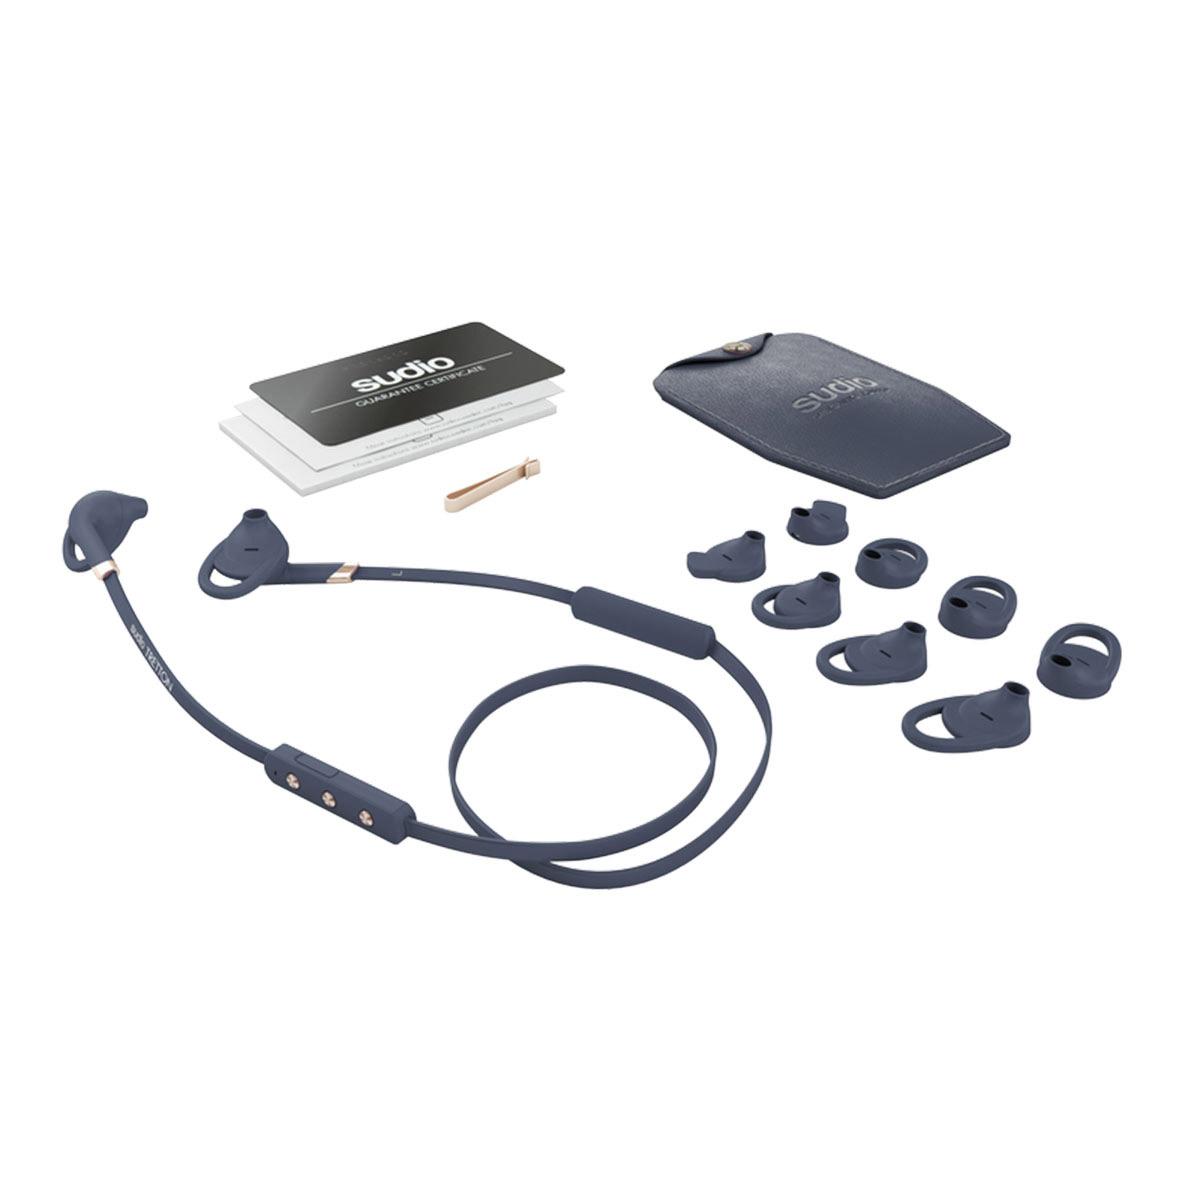 sudio Tretton (Blue) Bluetoothイヤホン ワイヤレスイヤホン 【スーディオ SD-0063】